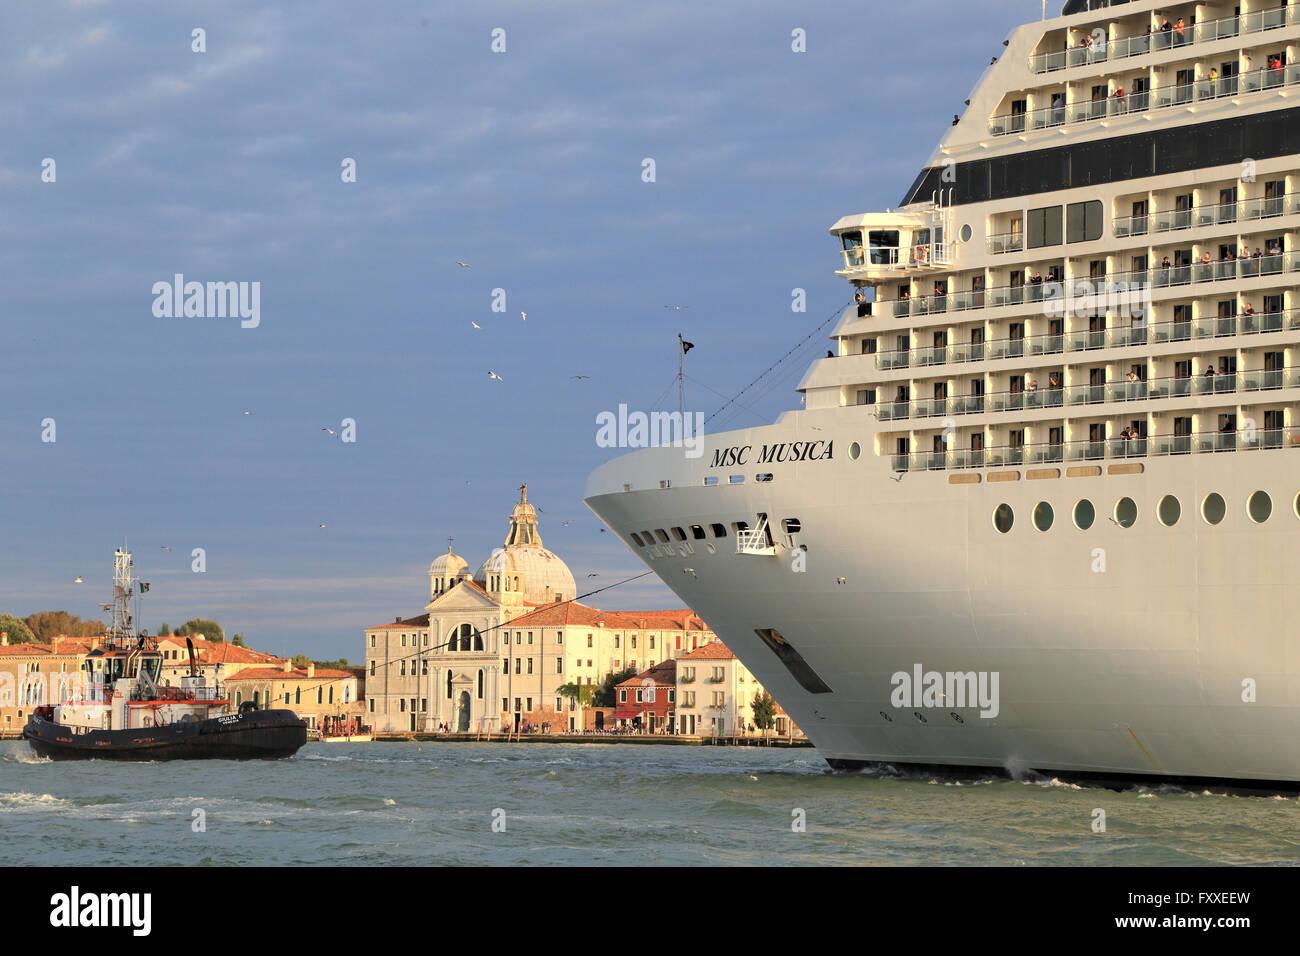 Buque de crucero MSC Musica, la OMI 9320087 Imagen De Stock